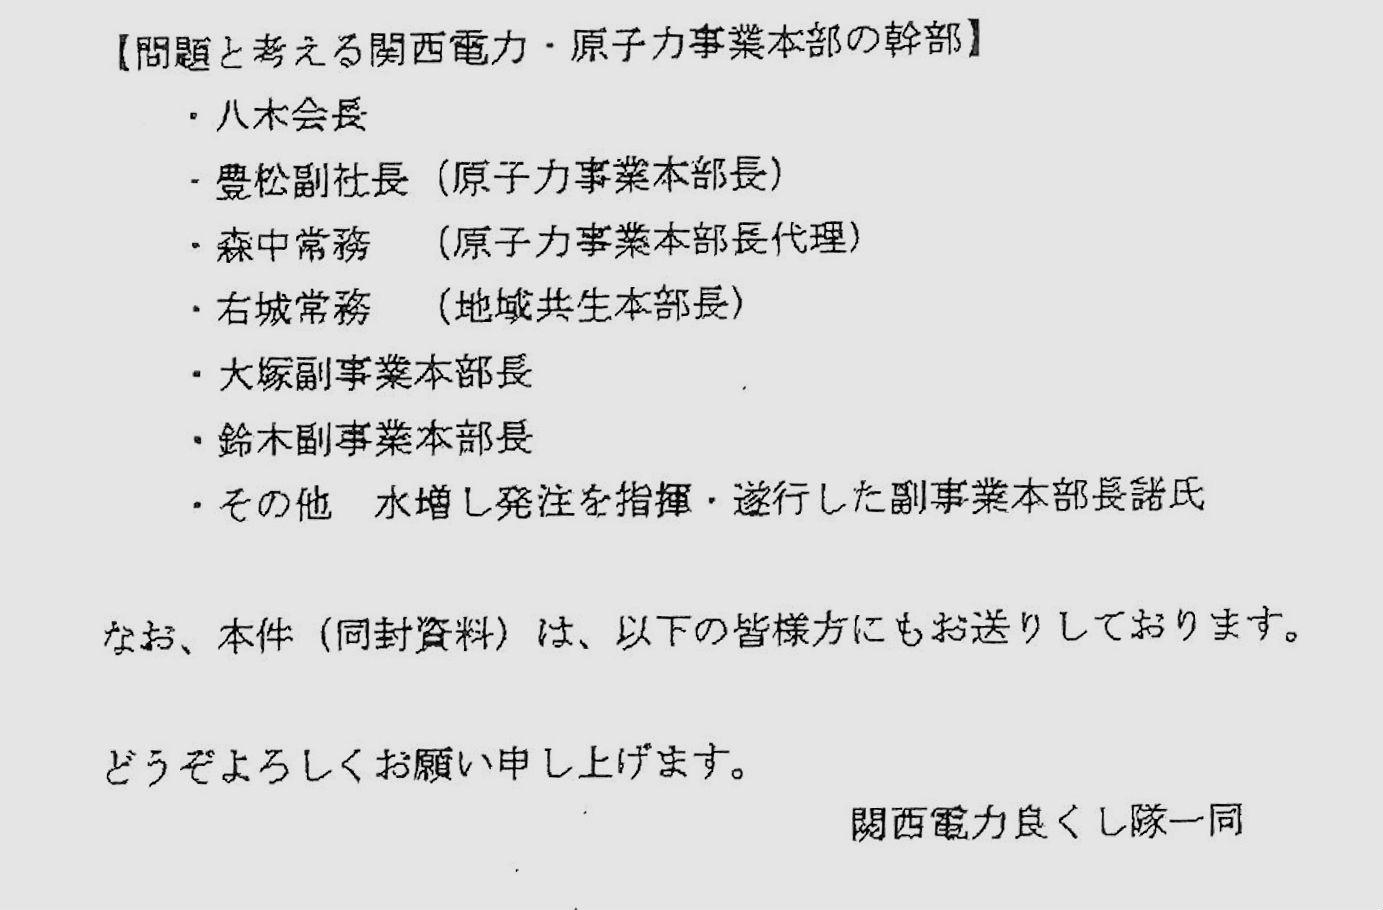 http://hunter-investigate.jp/news/2%20%281%29.jpg